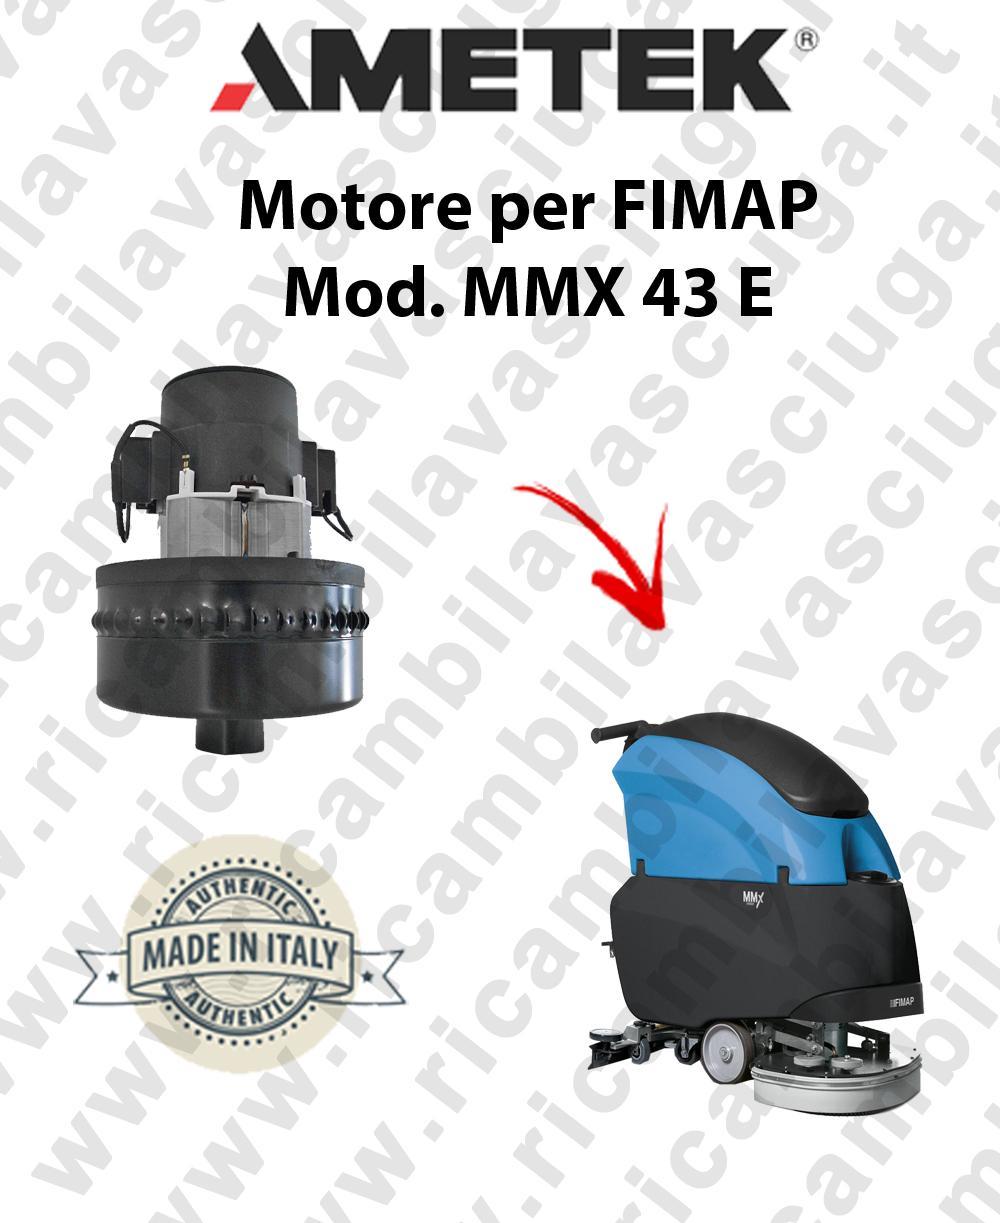 MMX 43 E MOTORE aspirazione AMETEK lavapavimenti FIMAP